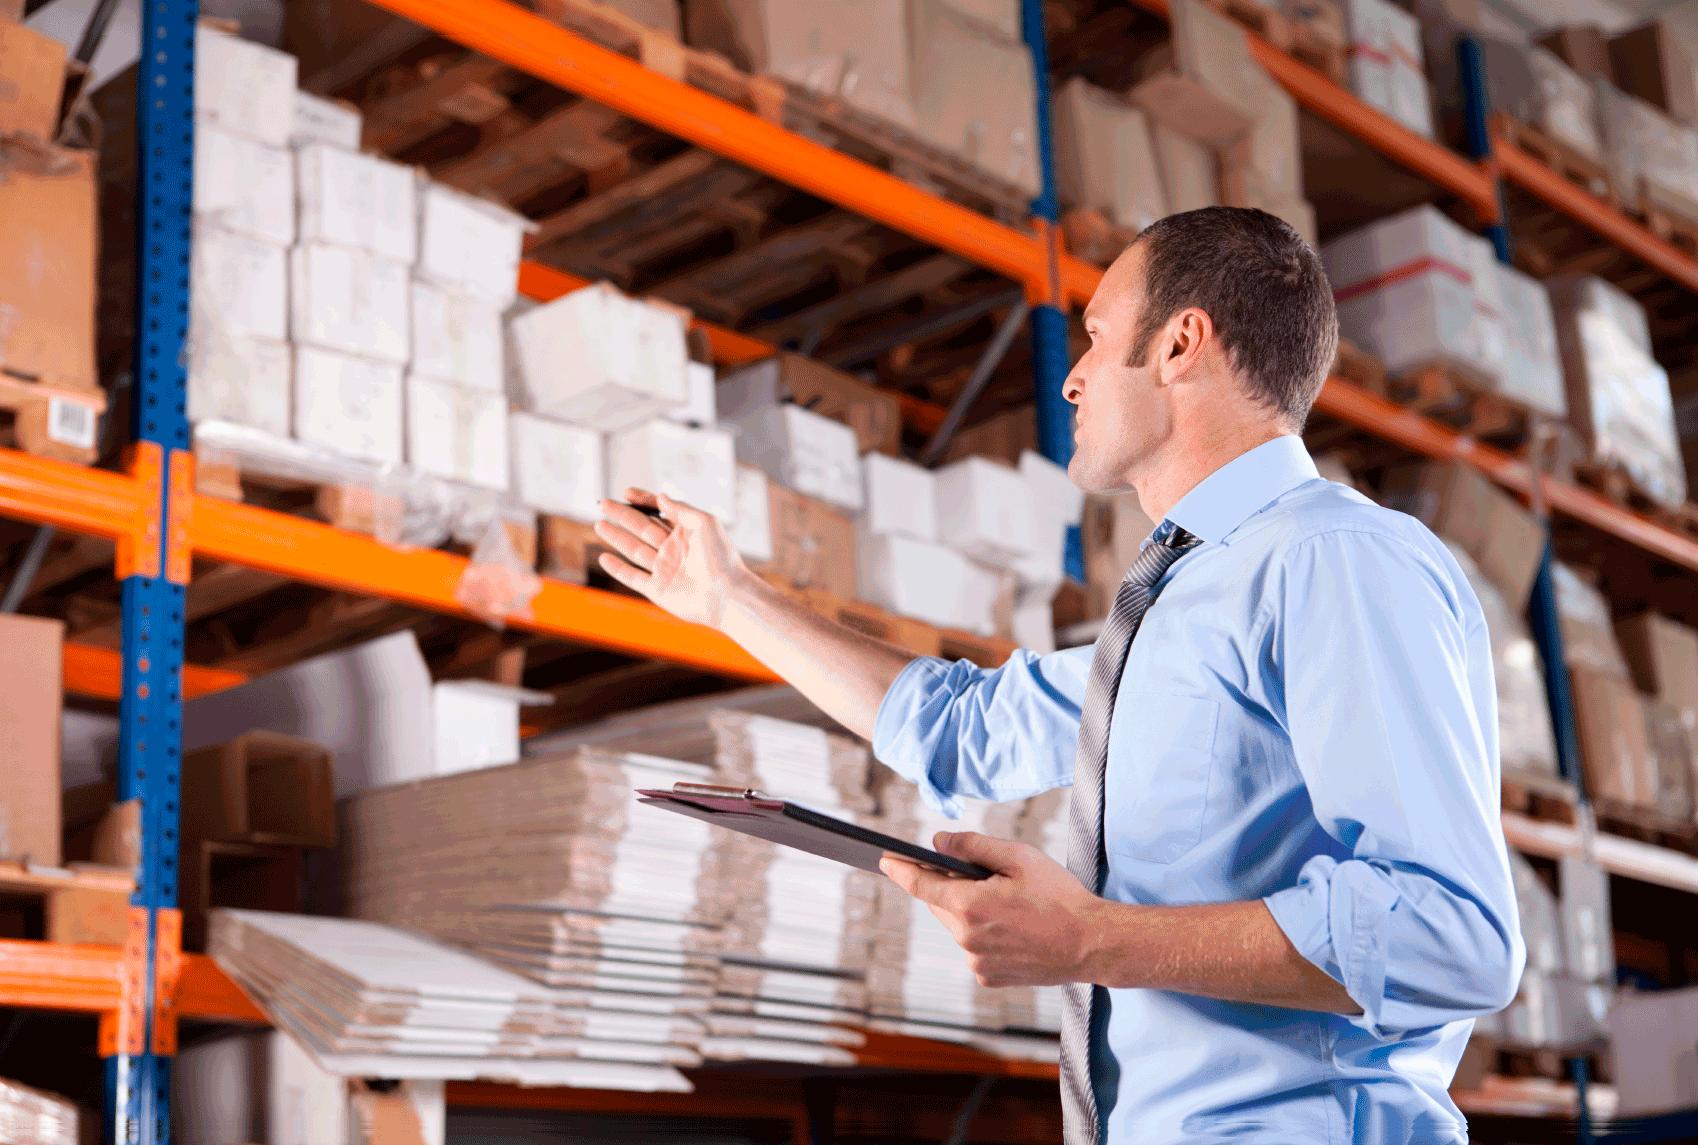 Оценка материально-производственных запасов на предприятии. Как производится